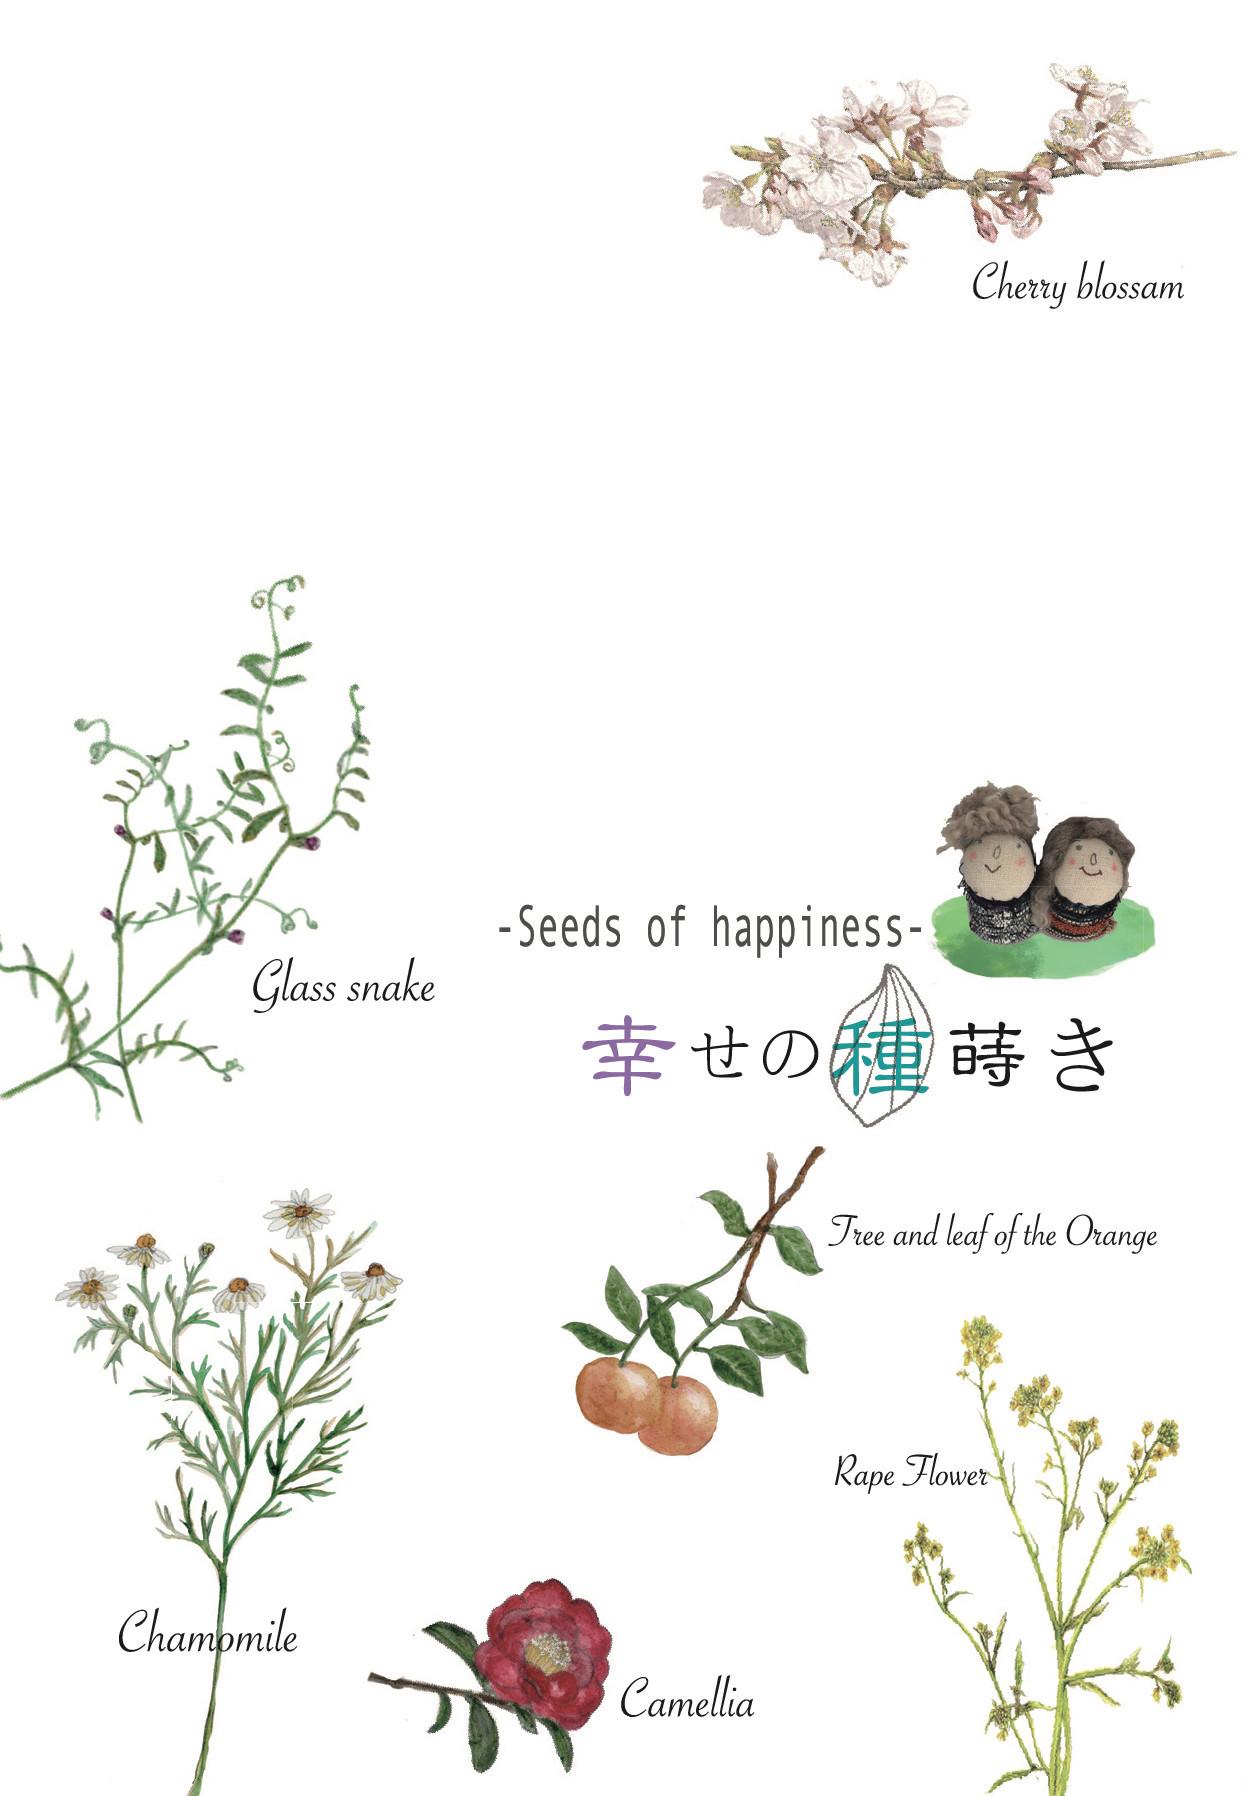 幸せの種蒔き 4.13〜4.19_e0401402_05483814.jpeg